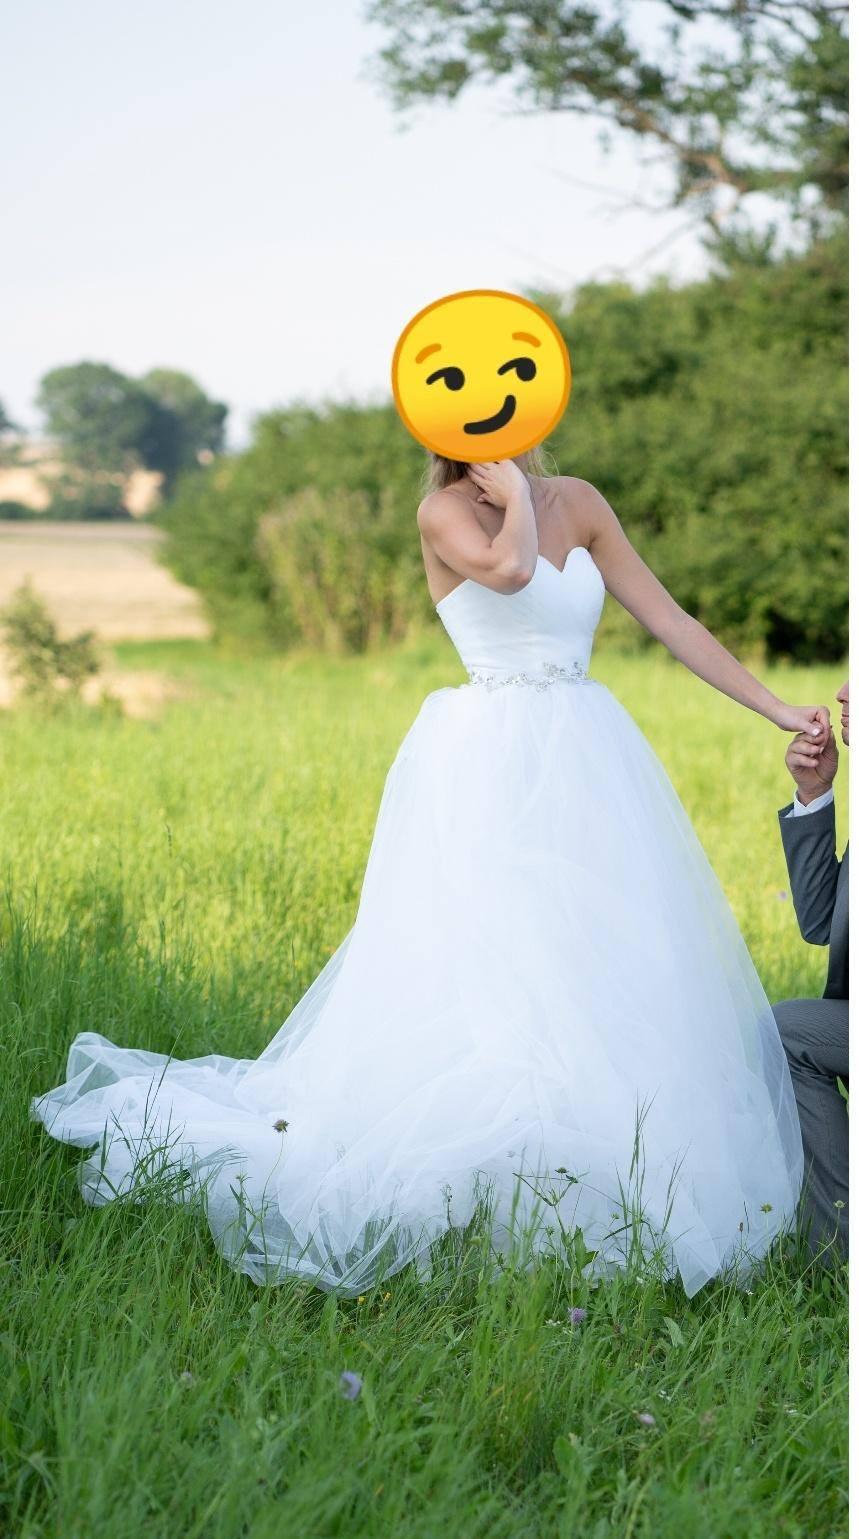 Prodám věci ze svatby - Obrázek č. 2